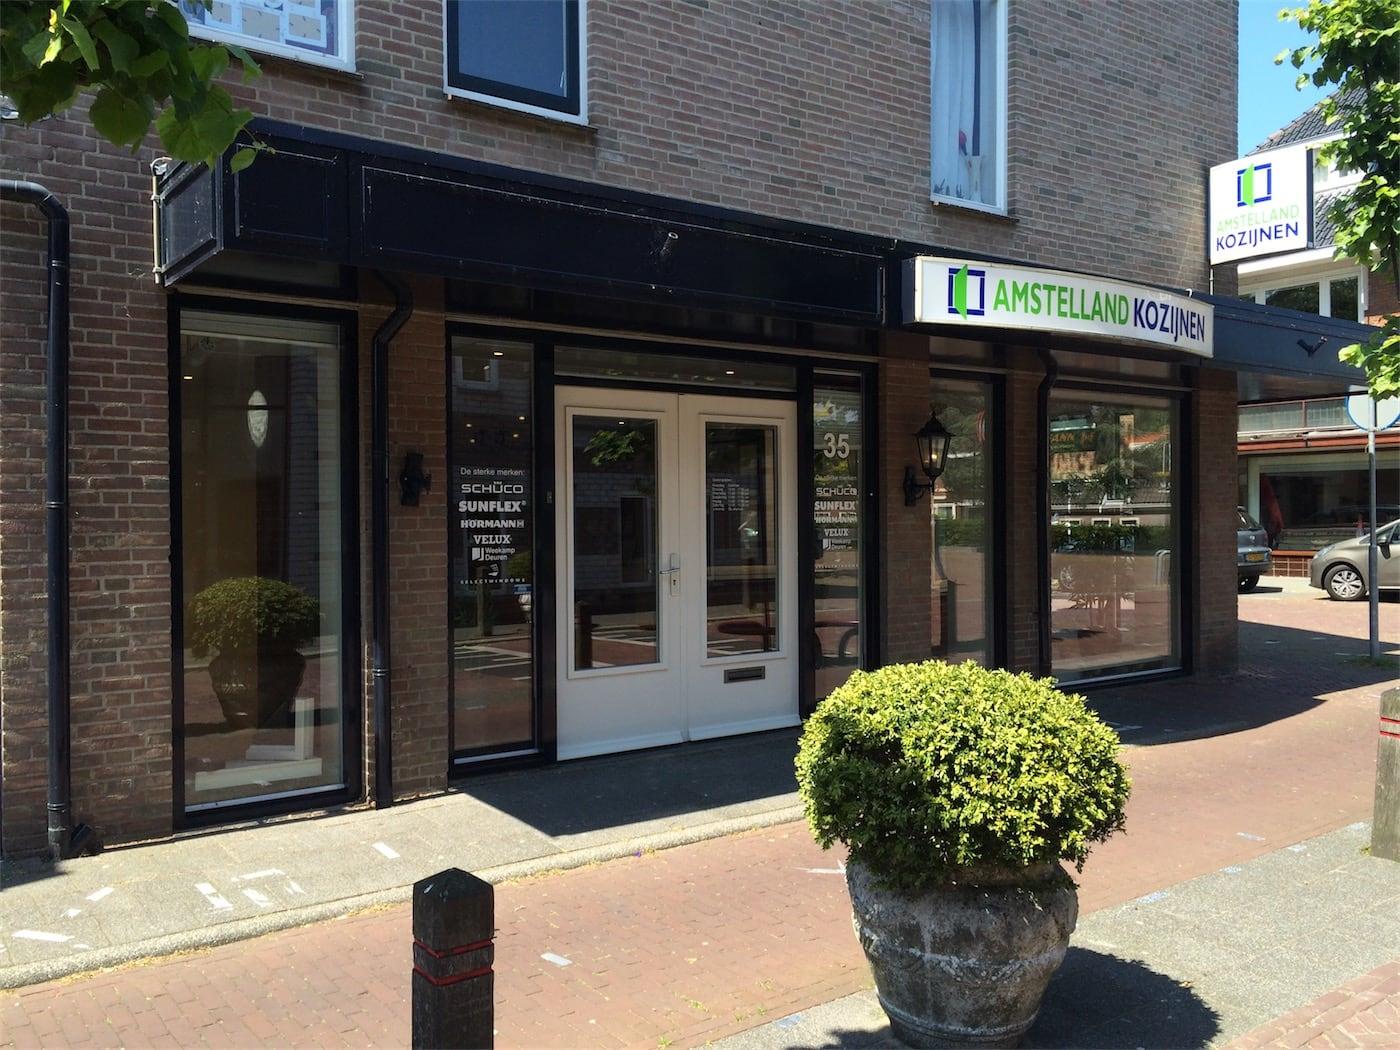 Select Windows Kunststof Kozijnen Amstelveen koopt u bij Amstelland Kozijnen